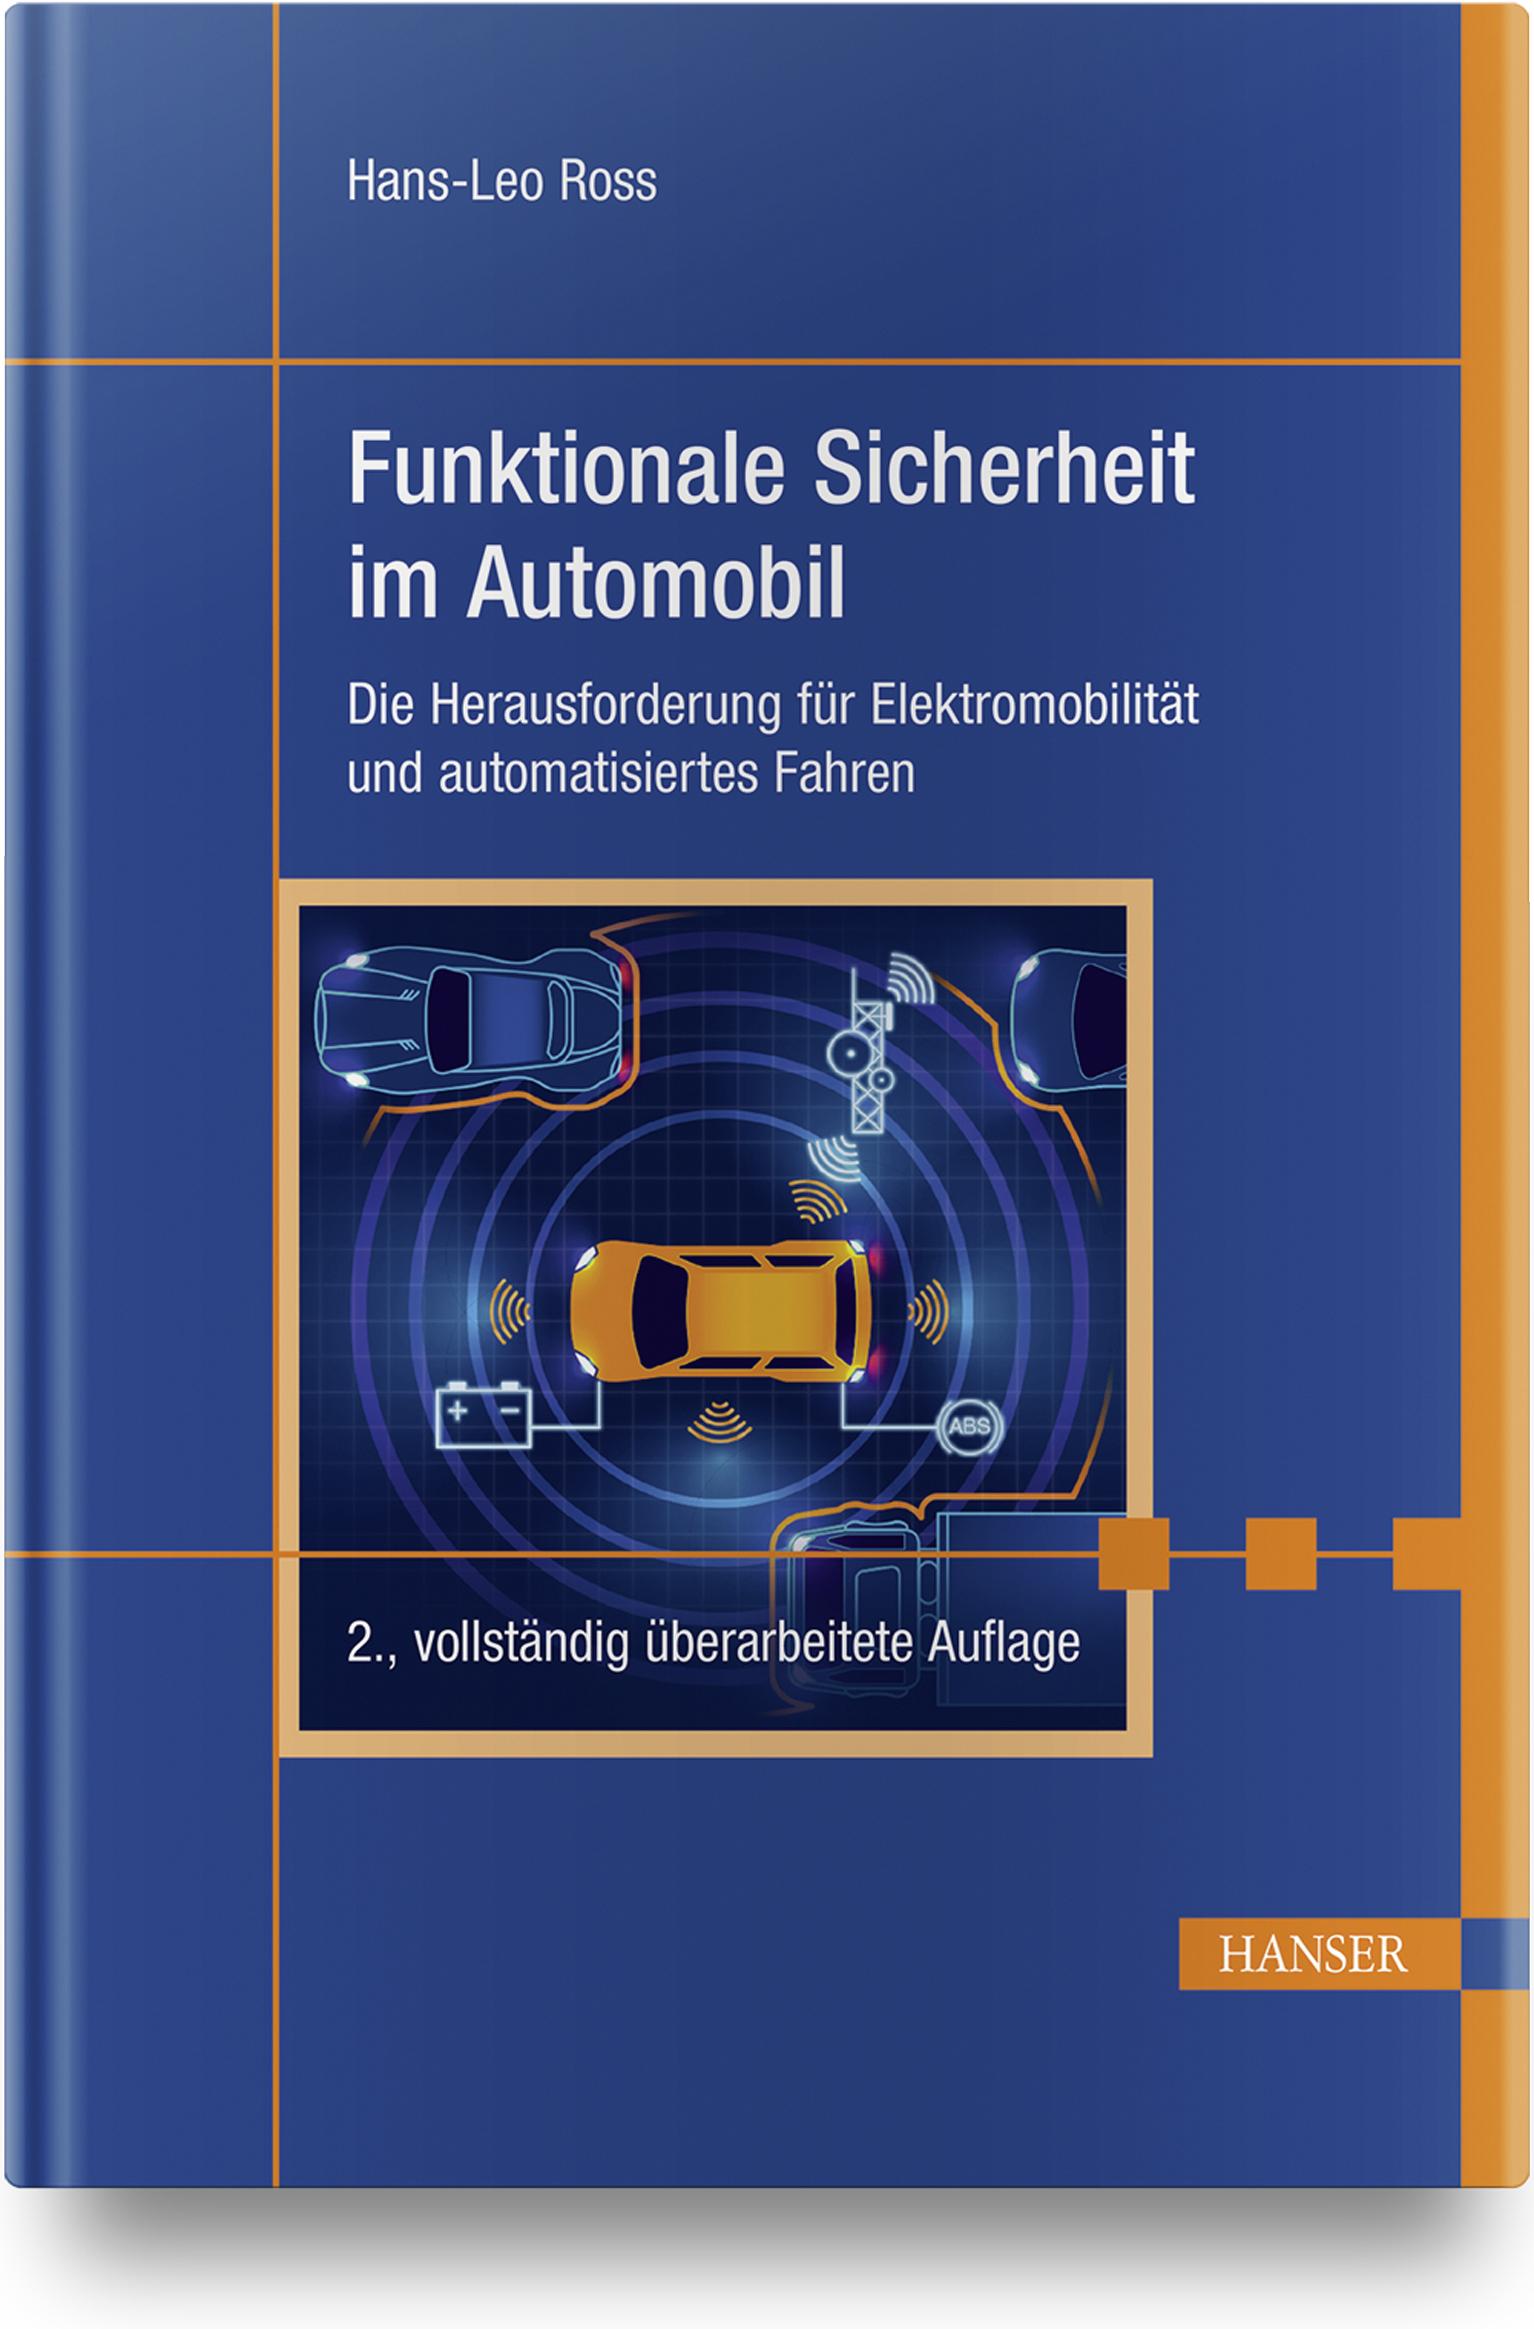 Ross, Funktionale Sicherheit im Automobil, 978-3-446-45841-3